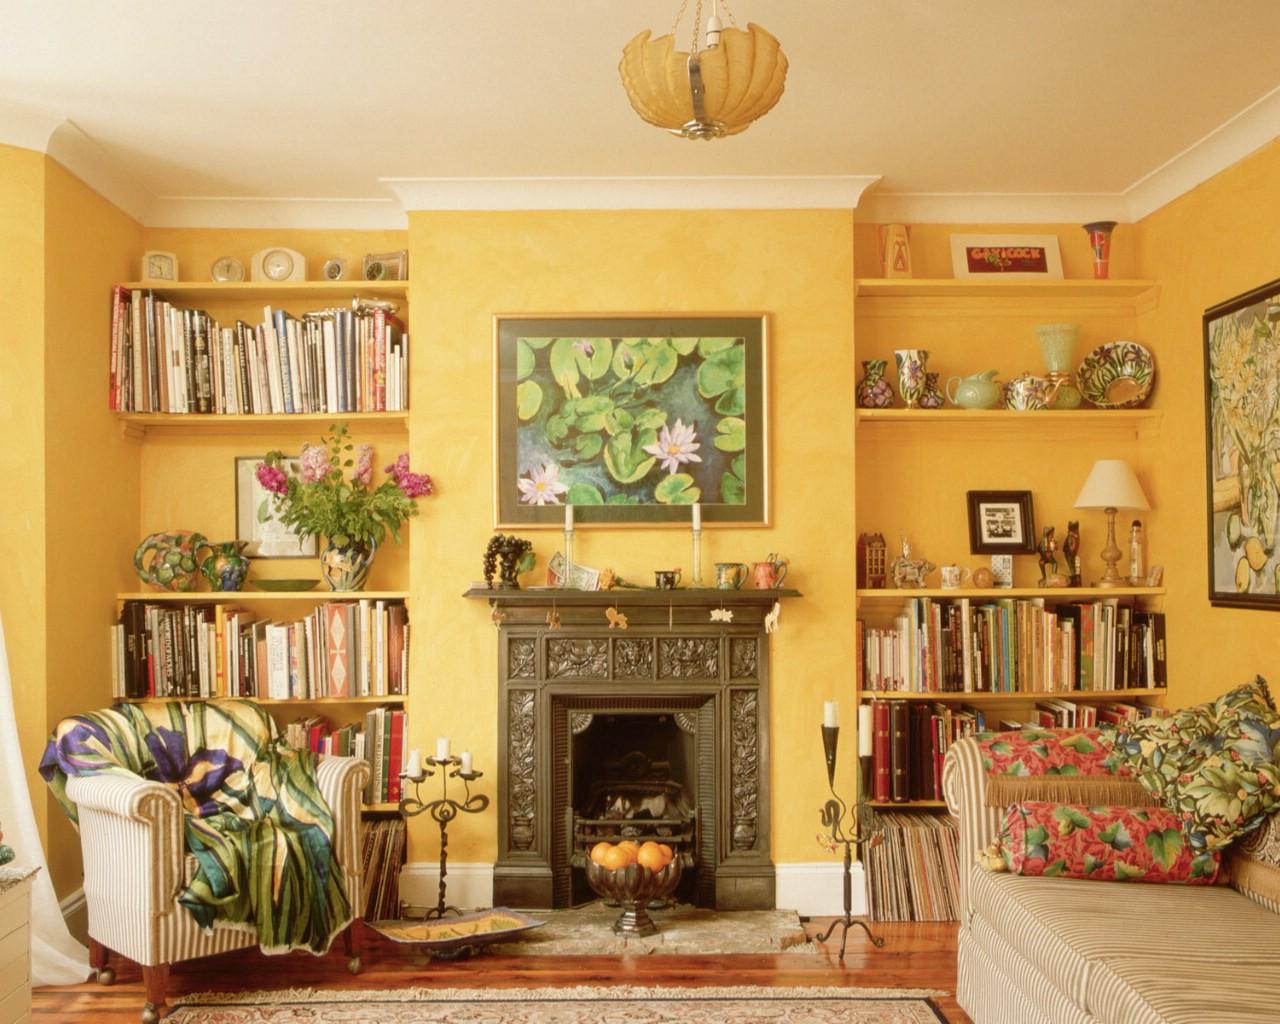 1024温馨家居装饰系列壁纸上壁纸,温馨家居装饰系列壁纸上壁纸图片